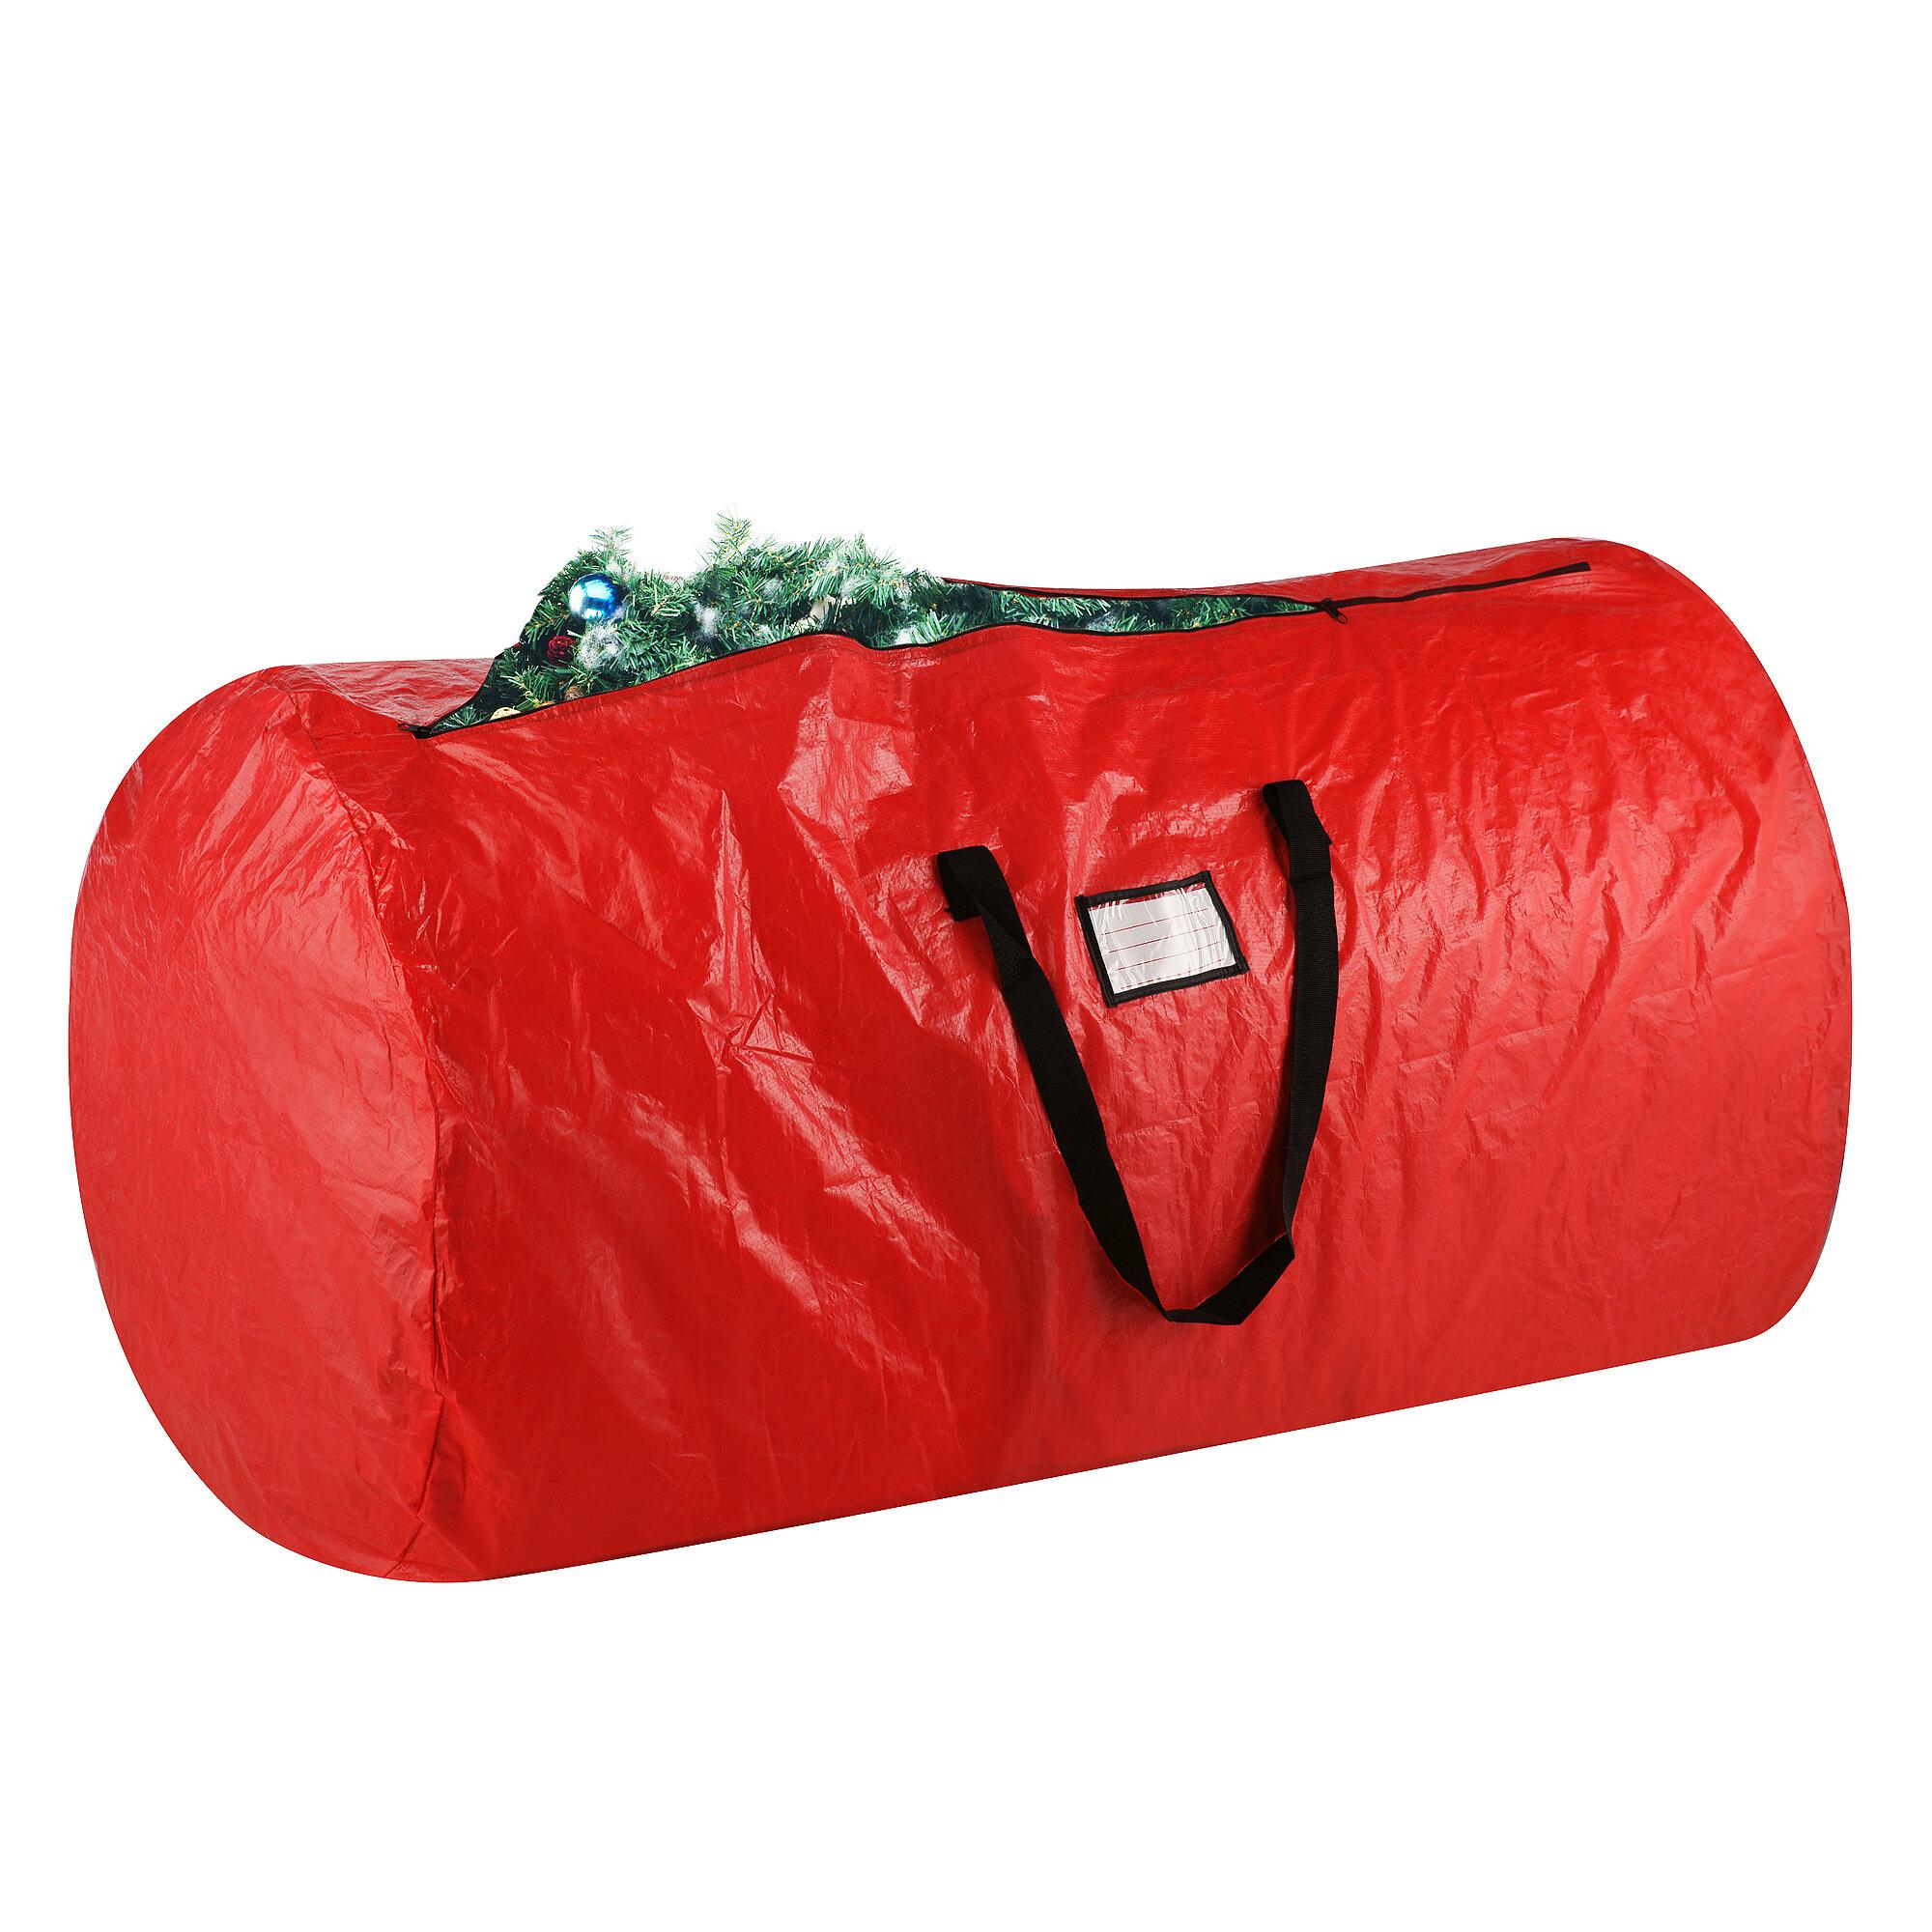 2e445954a2 The Holiday Aisle Christmas Tree Storage Bag